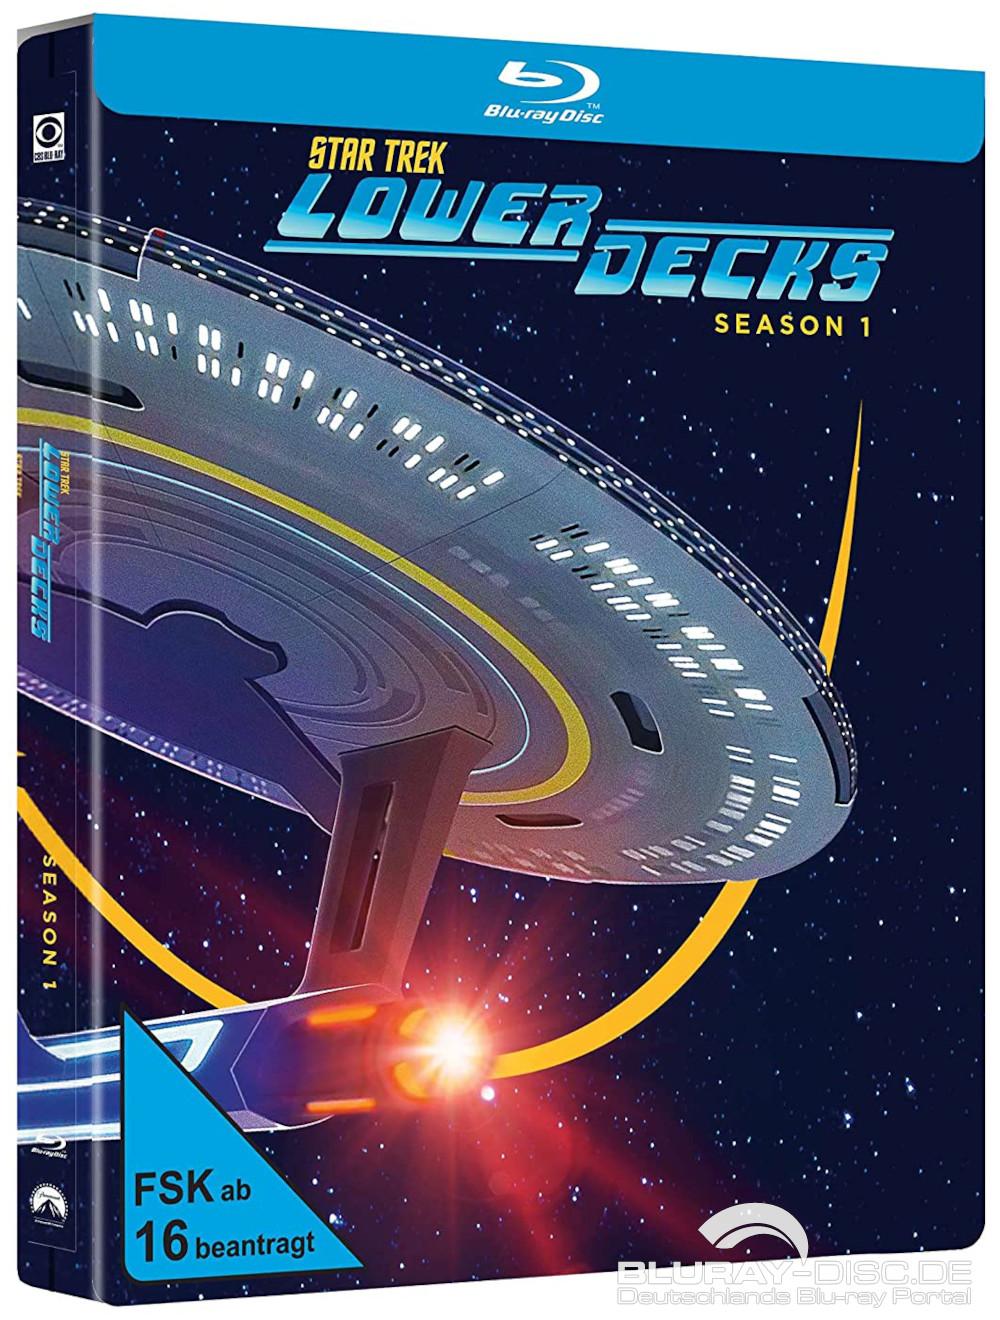 Star-Trek-Lower-Decks-Staffel-1-Steelbook-VORAB-Galerie-01.jpg